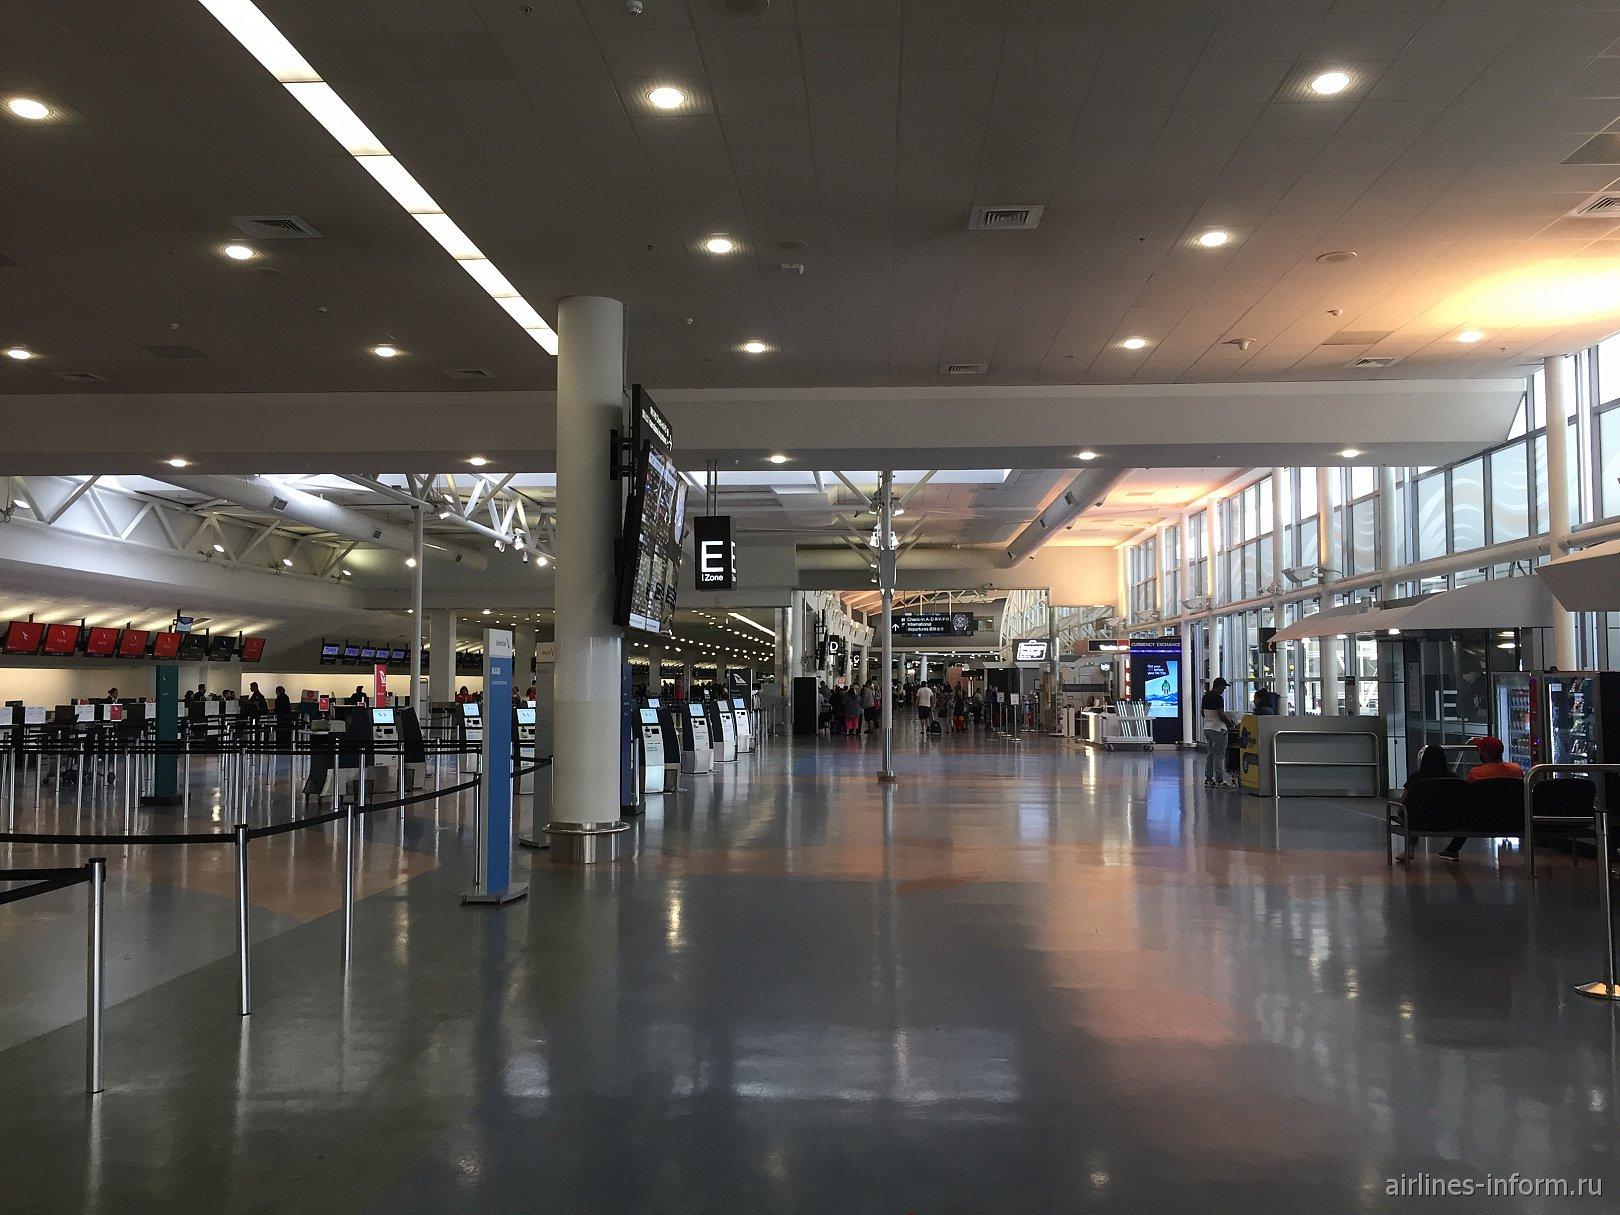 В международном терминале аэропорта Окленд, Новая Зеландия